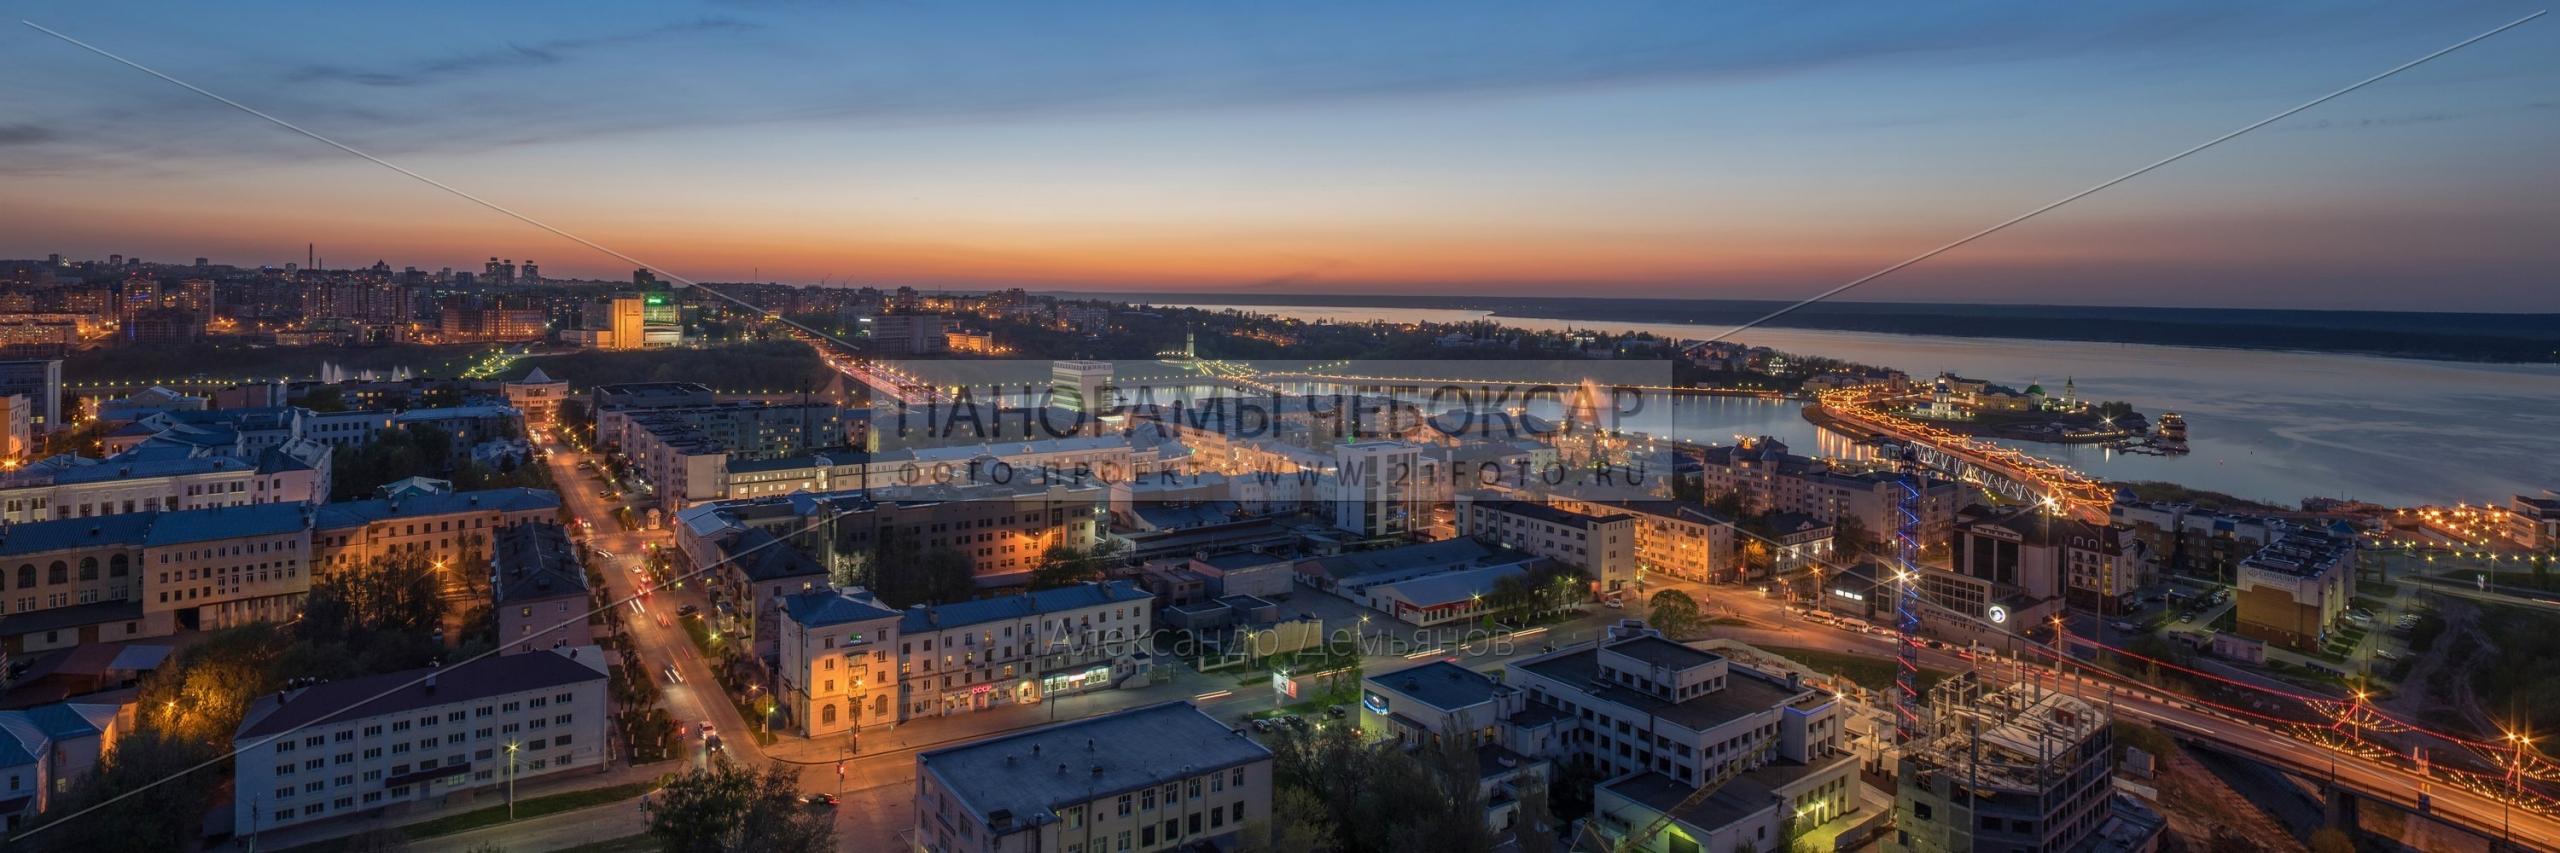 Волга и город летним вечером